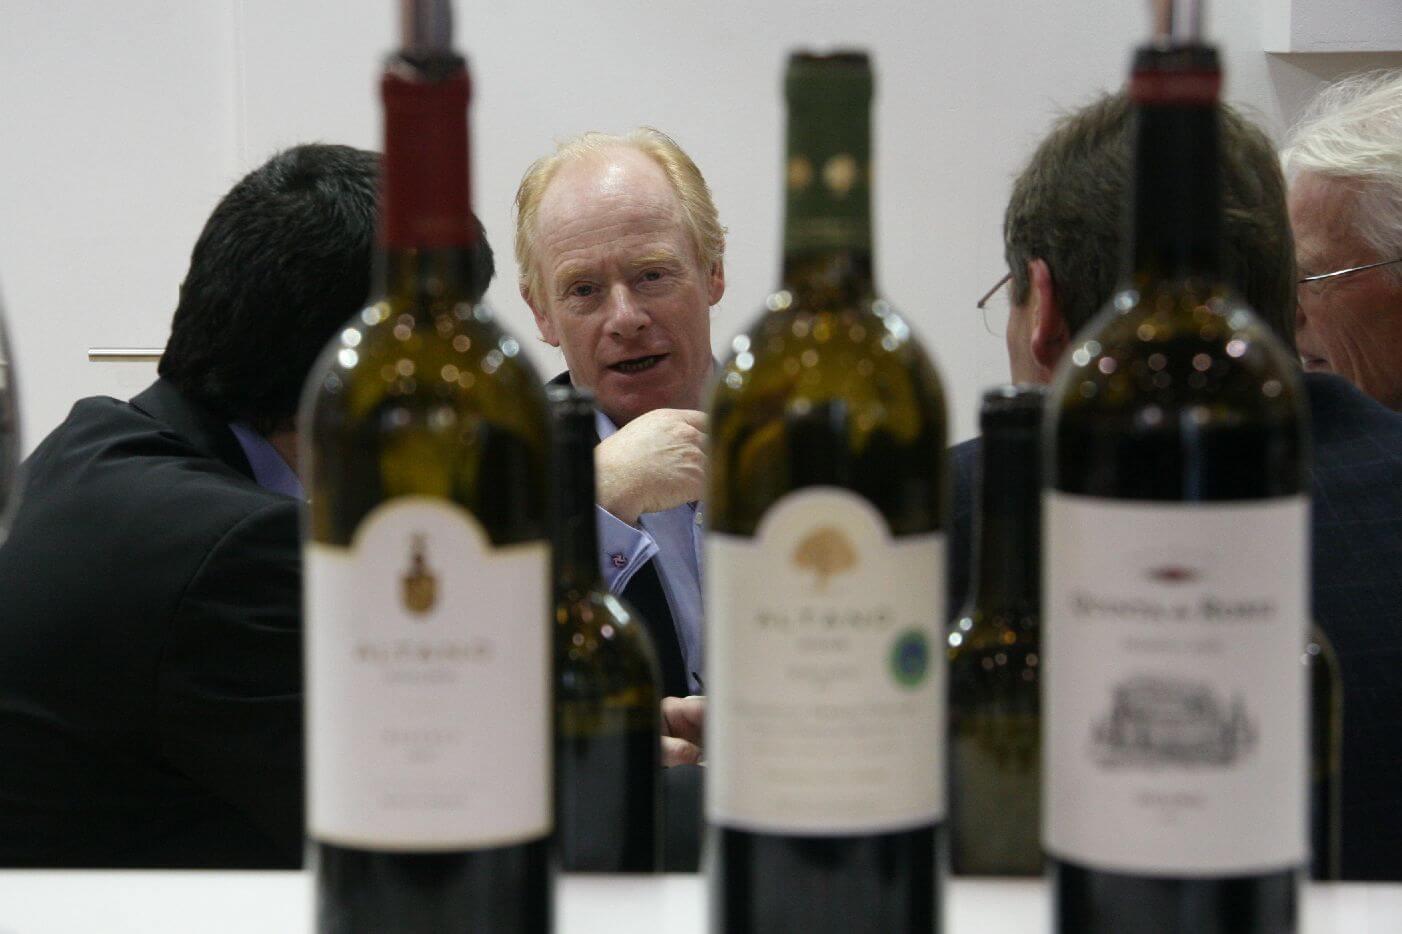 Die Symingtons – Portweinunternehmen mit schottischen Wurzeln